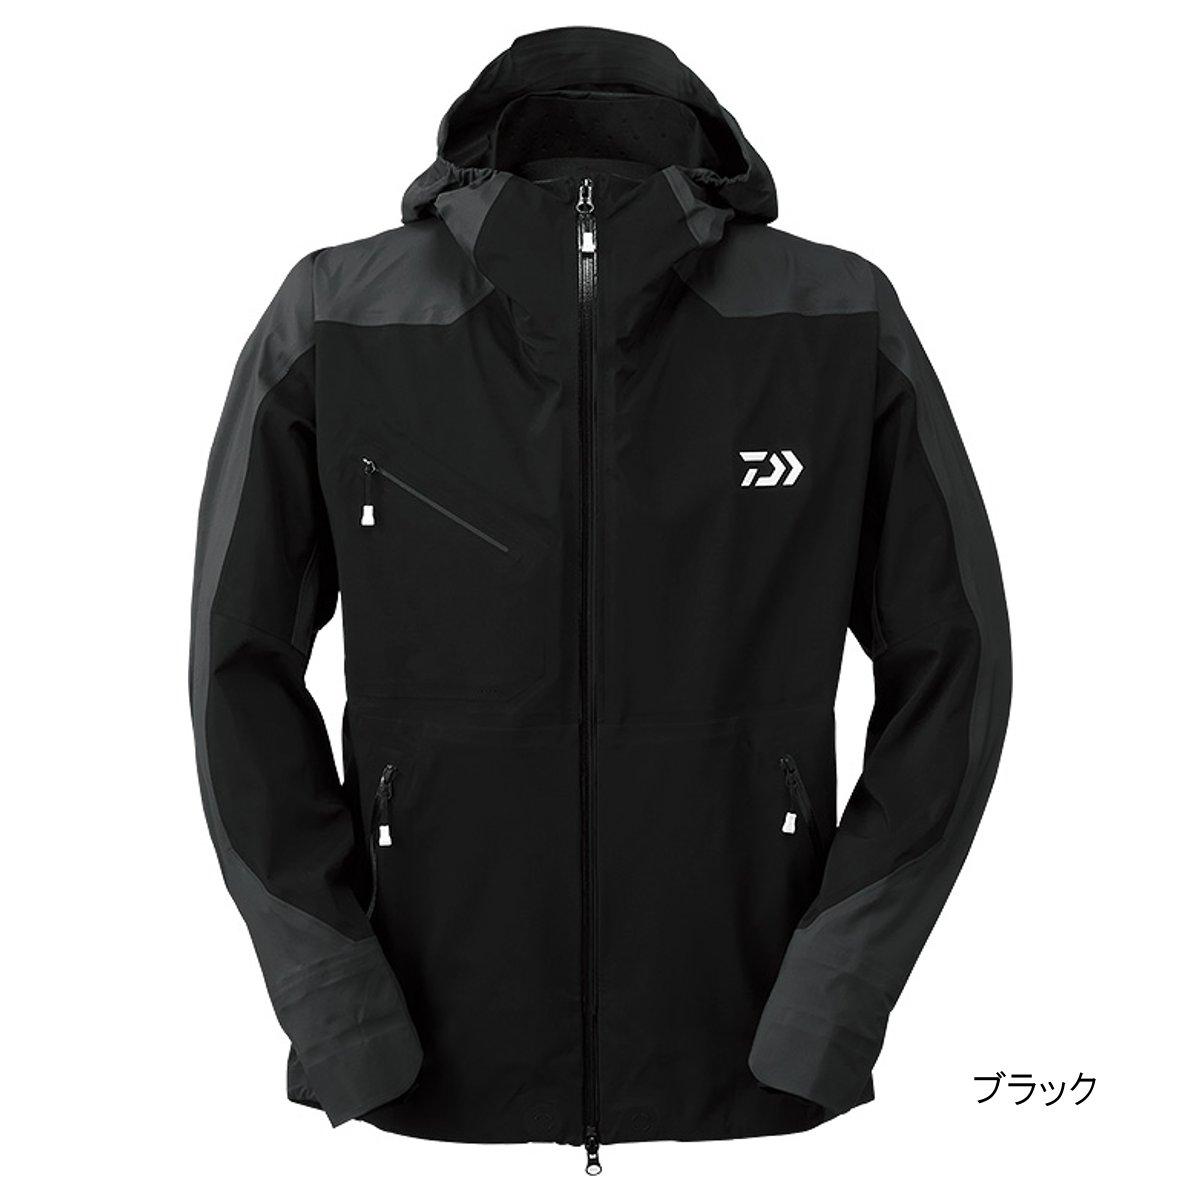 ダイワ ポーラテック ネオシェル ハイブリッドレインジャケット DR-20009J XL ブラック【送料無料】